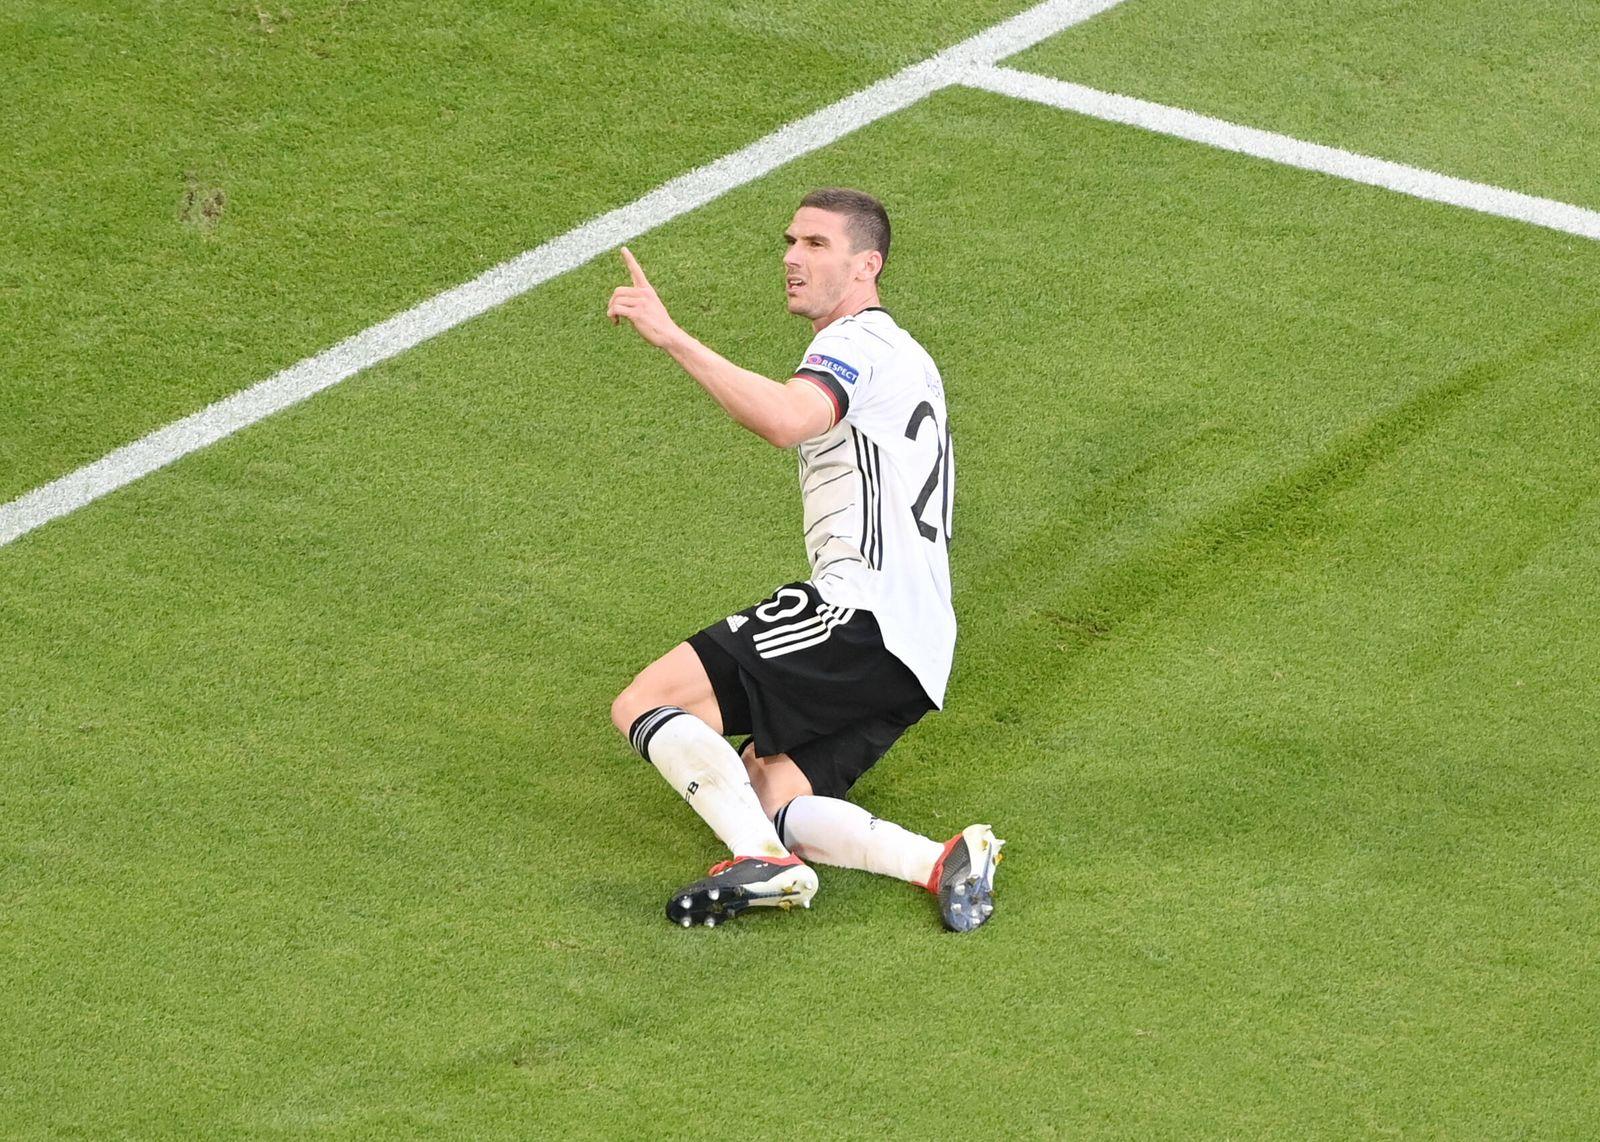 Jubel Robin Gosens (Deutschland) nach dem 1:4 19.06.2021, Fussball Europameisterschaft 2021, Vorrunde, 2. Spieltag, Grup